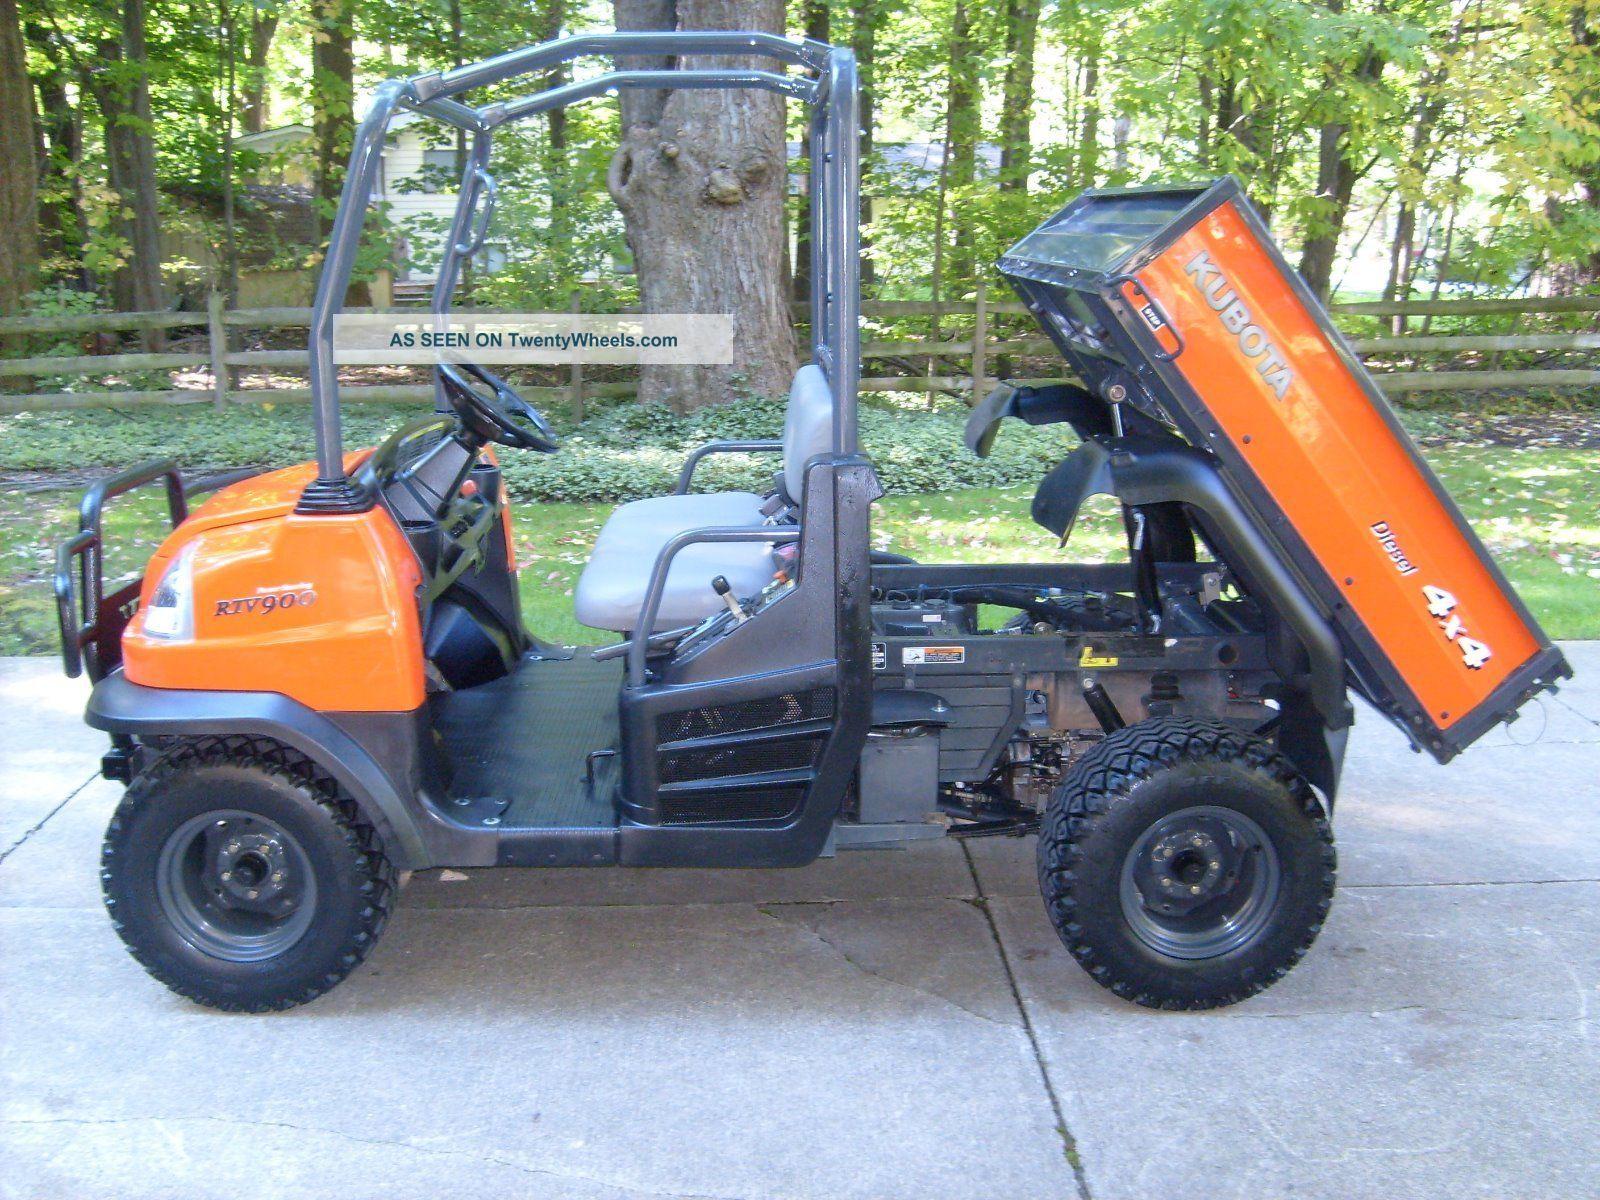 Kubota Rtv900 Specs : Kubota rtv diesel